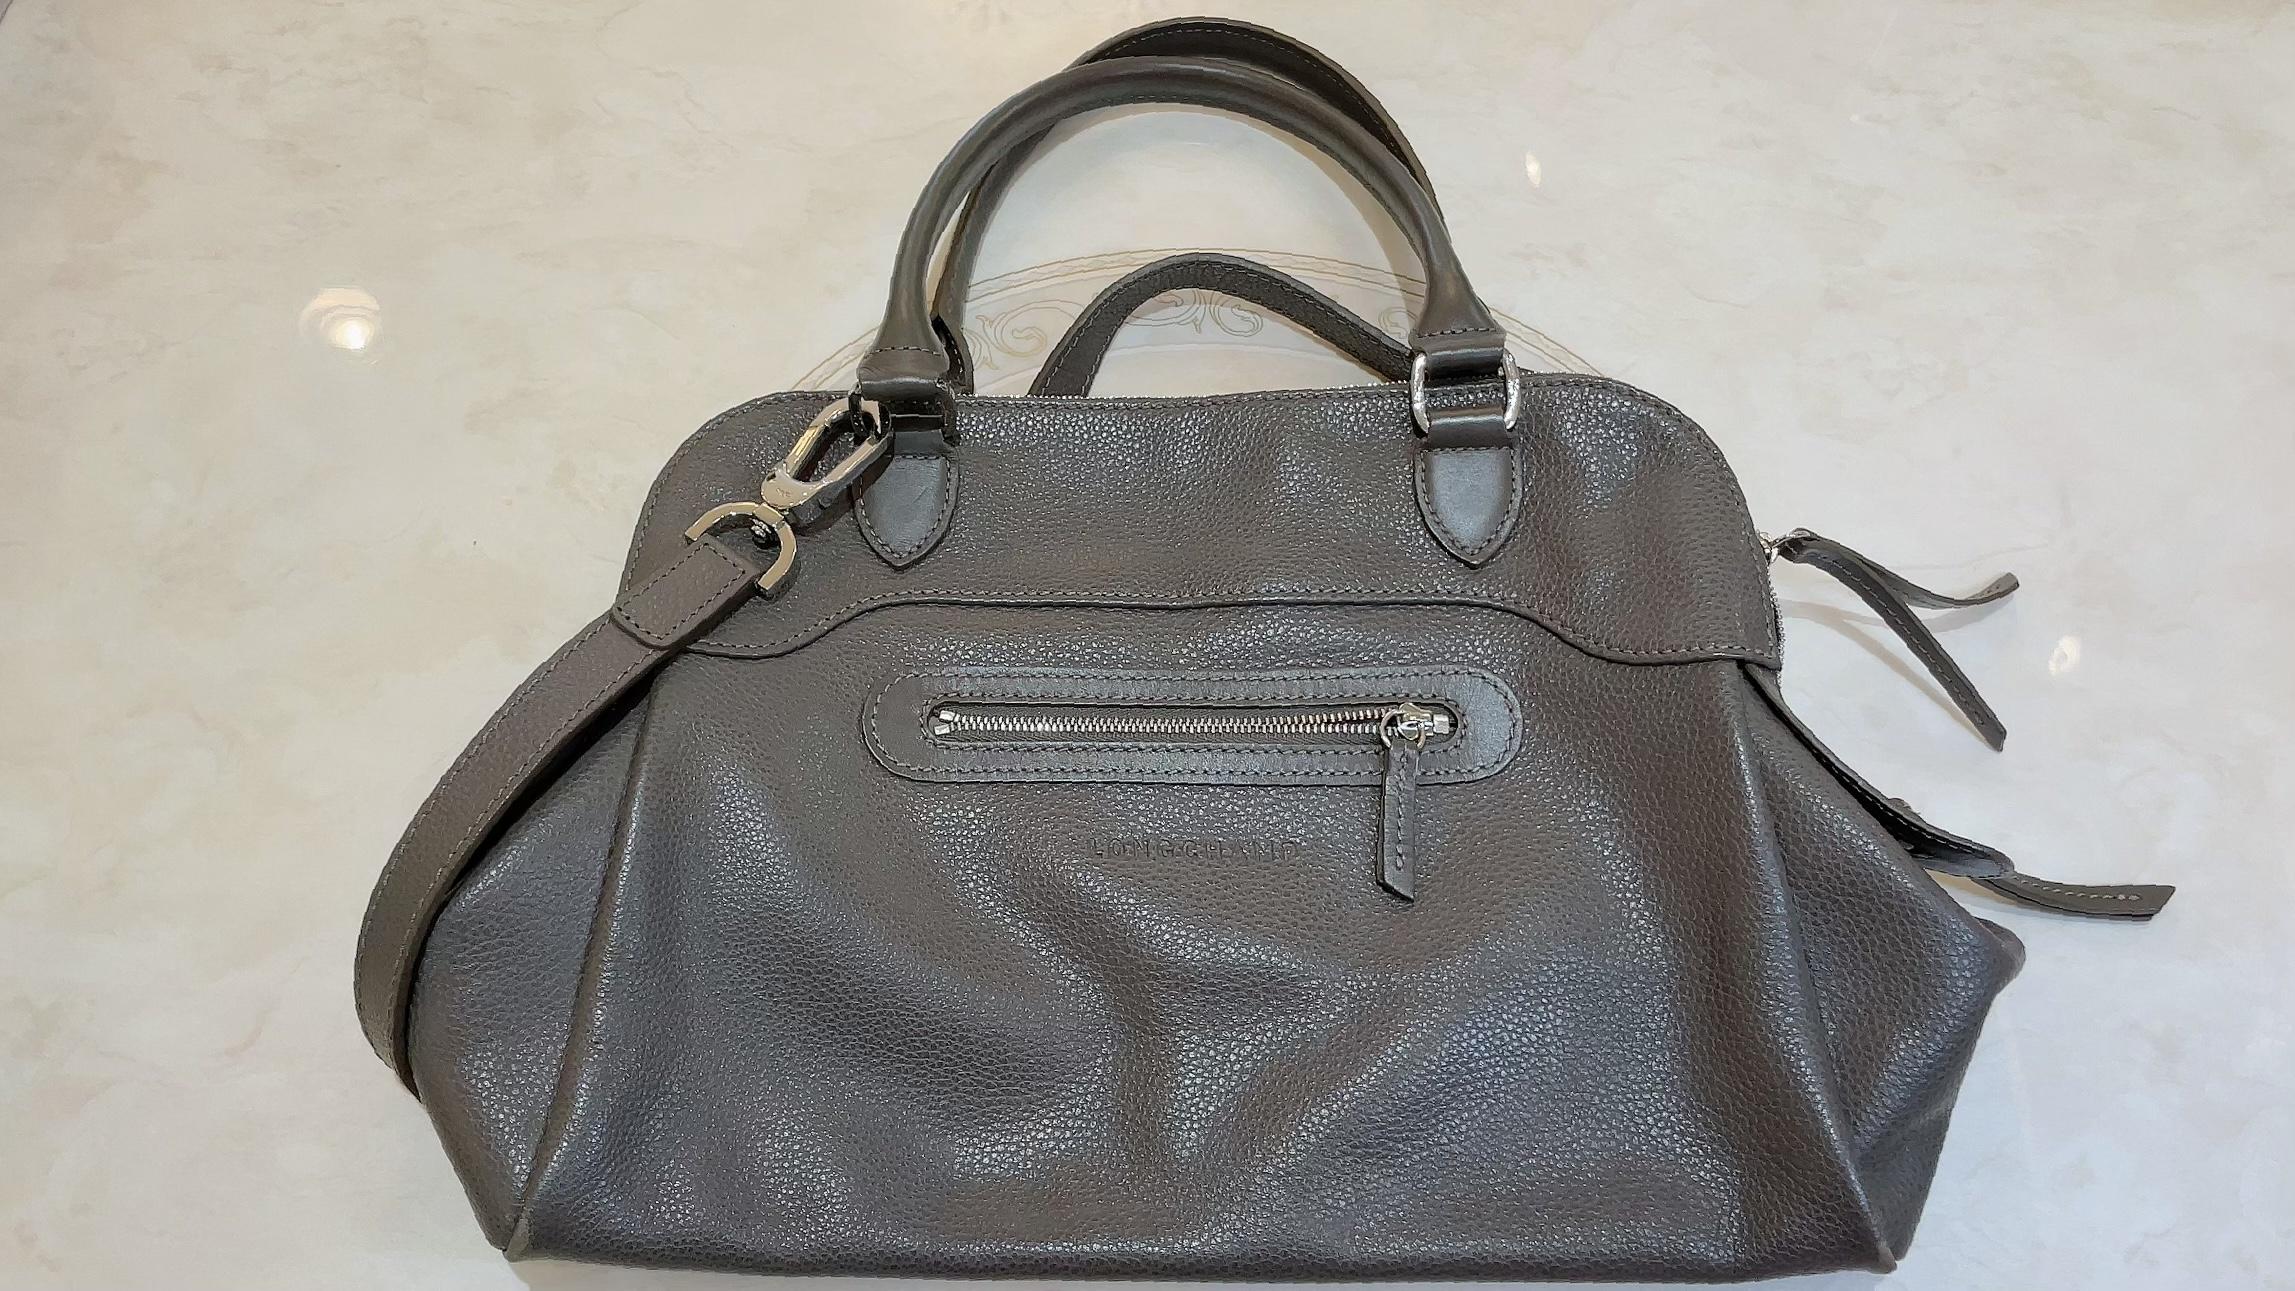 【買取速報】ブランドバッグ、LONGCHAMP-2021-05-21